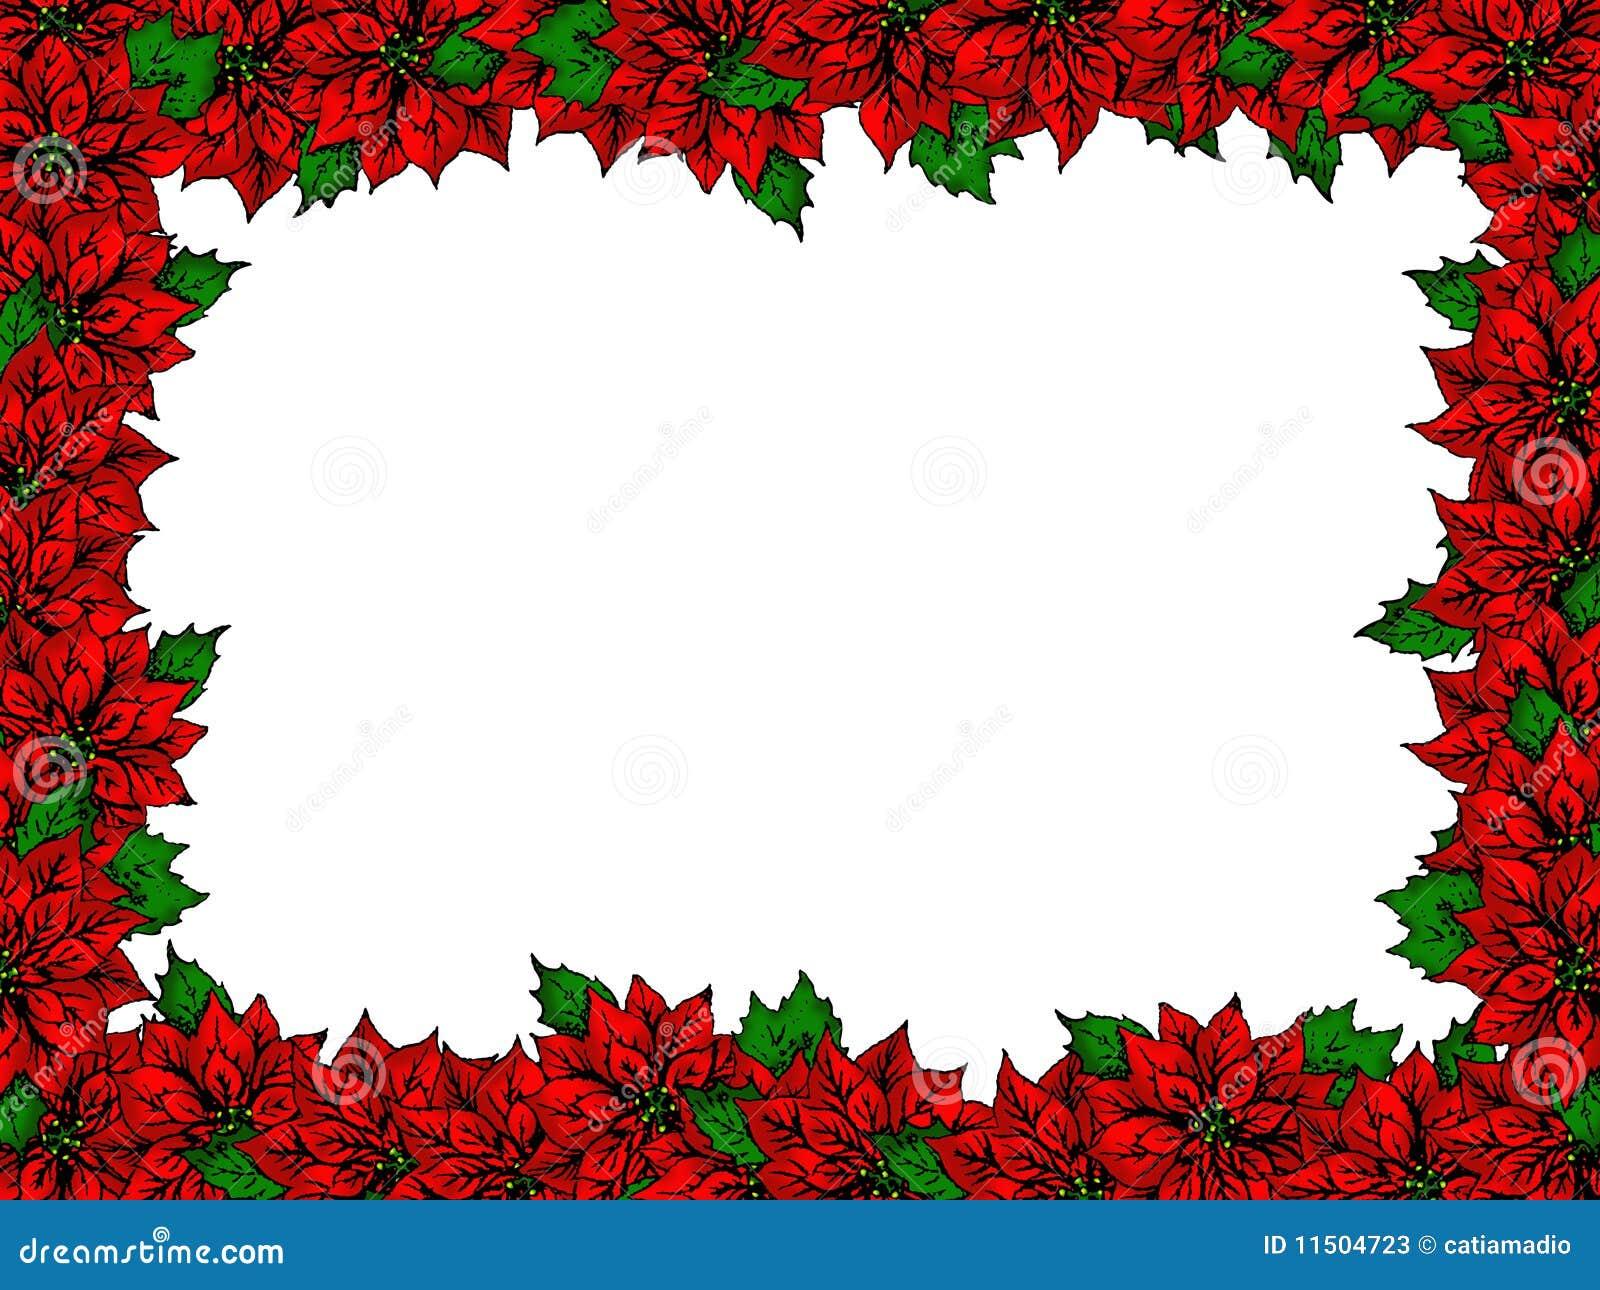 christmas flower border